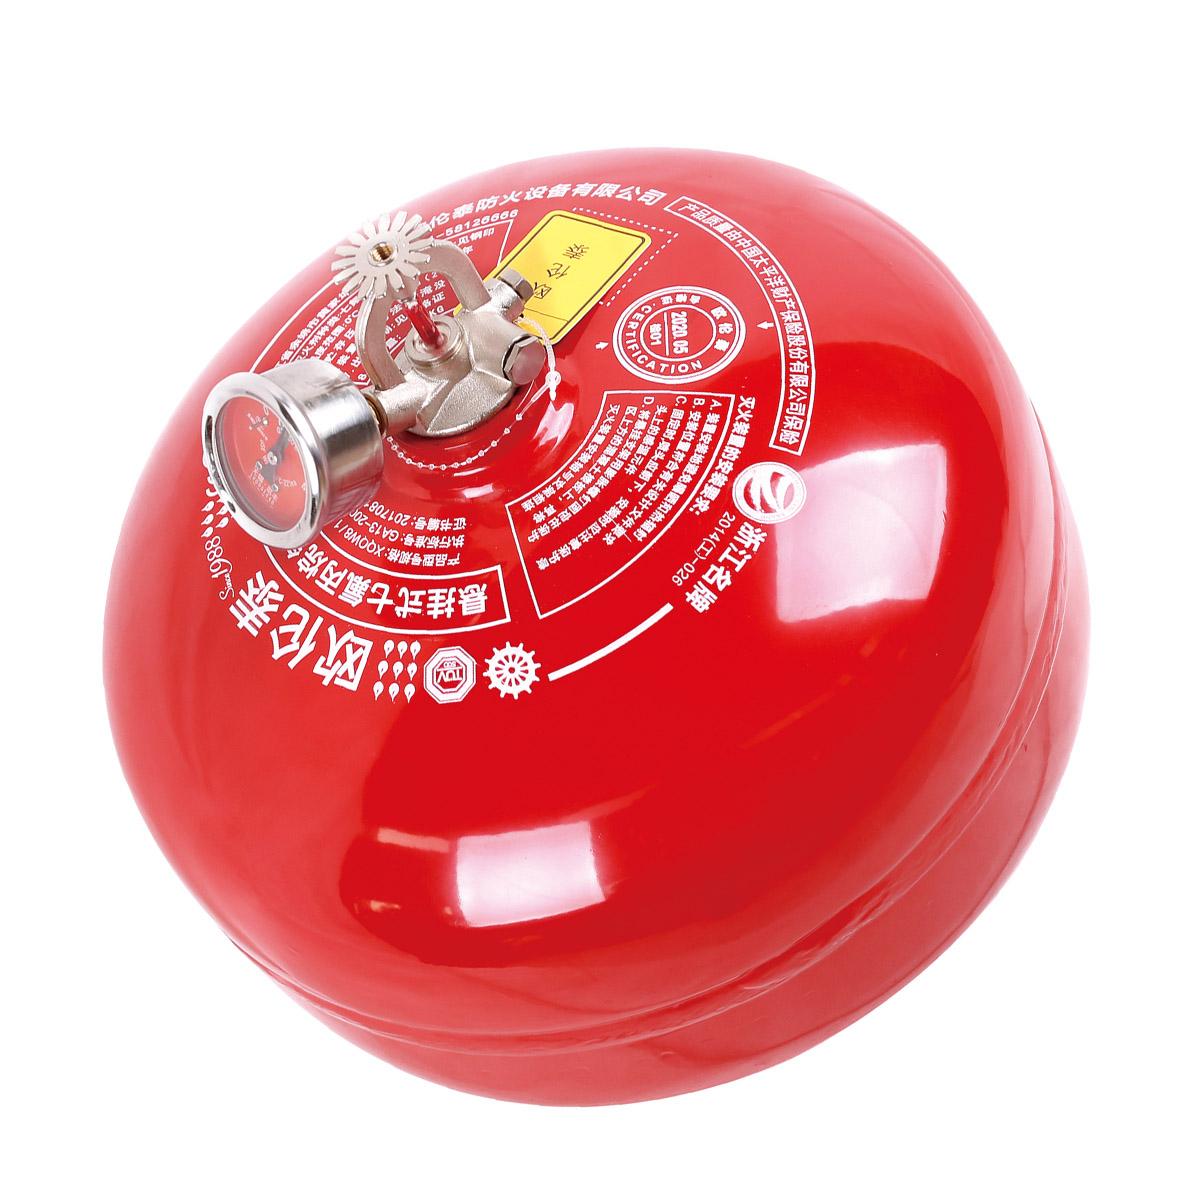 8KG懸掛式七氟丙烷滅火裝置